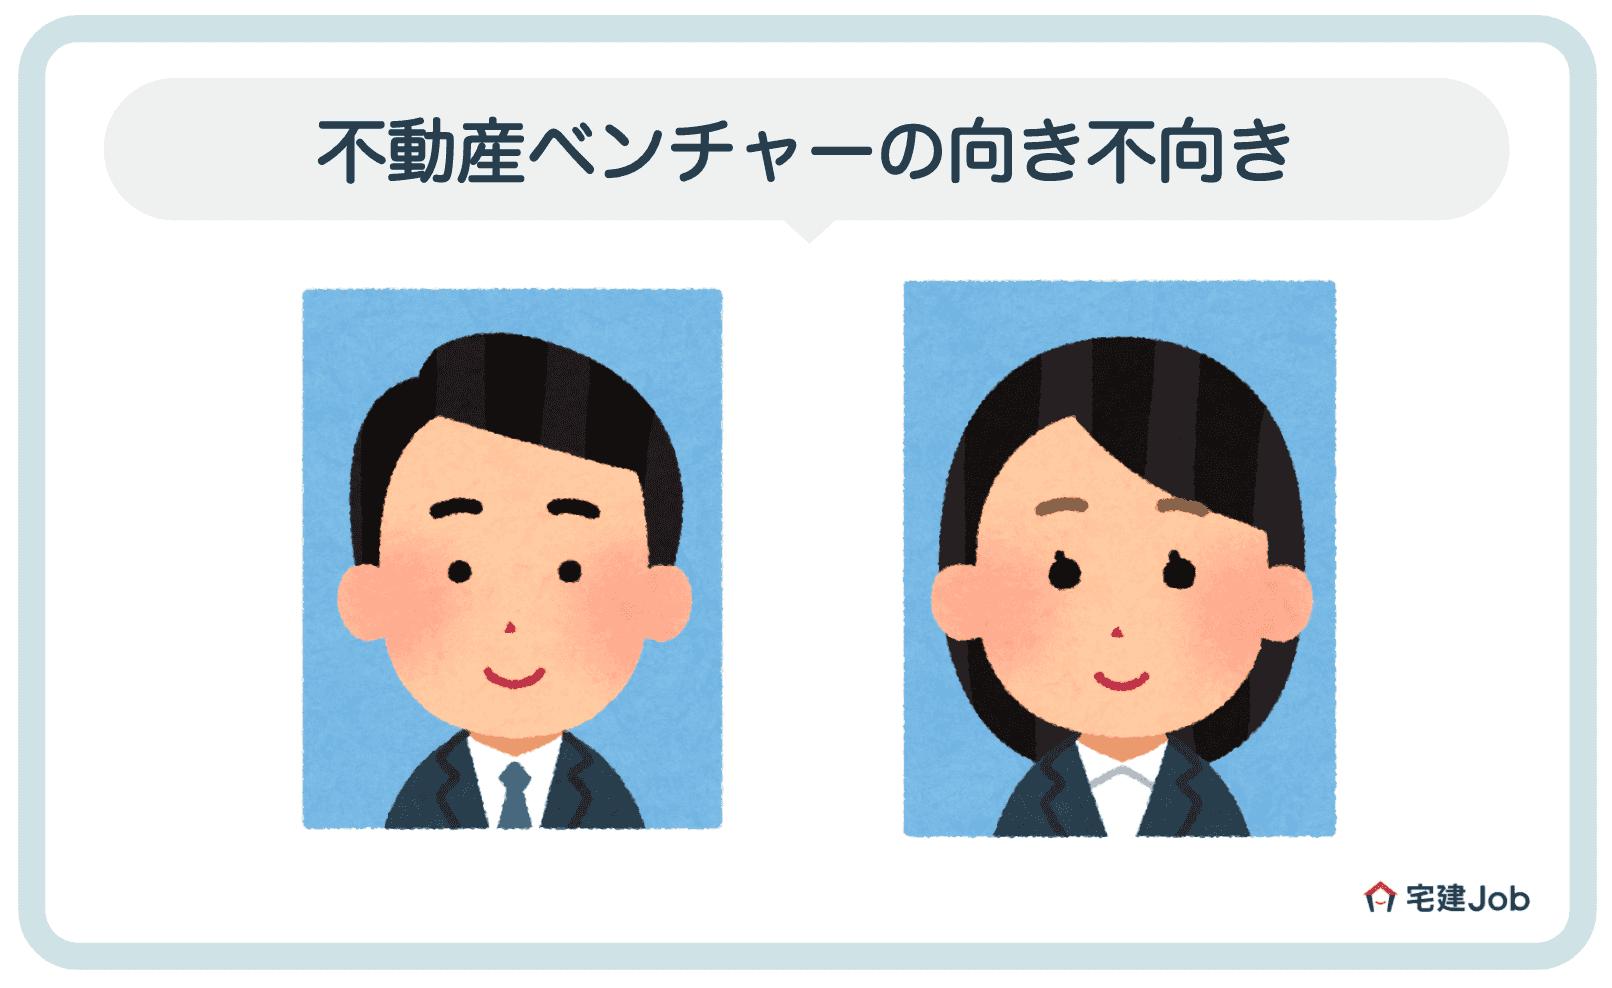 3.不動産ベンチャーに向いている人【働くメリット・デメリット】